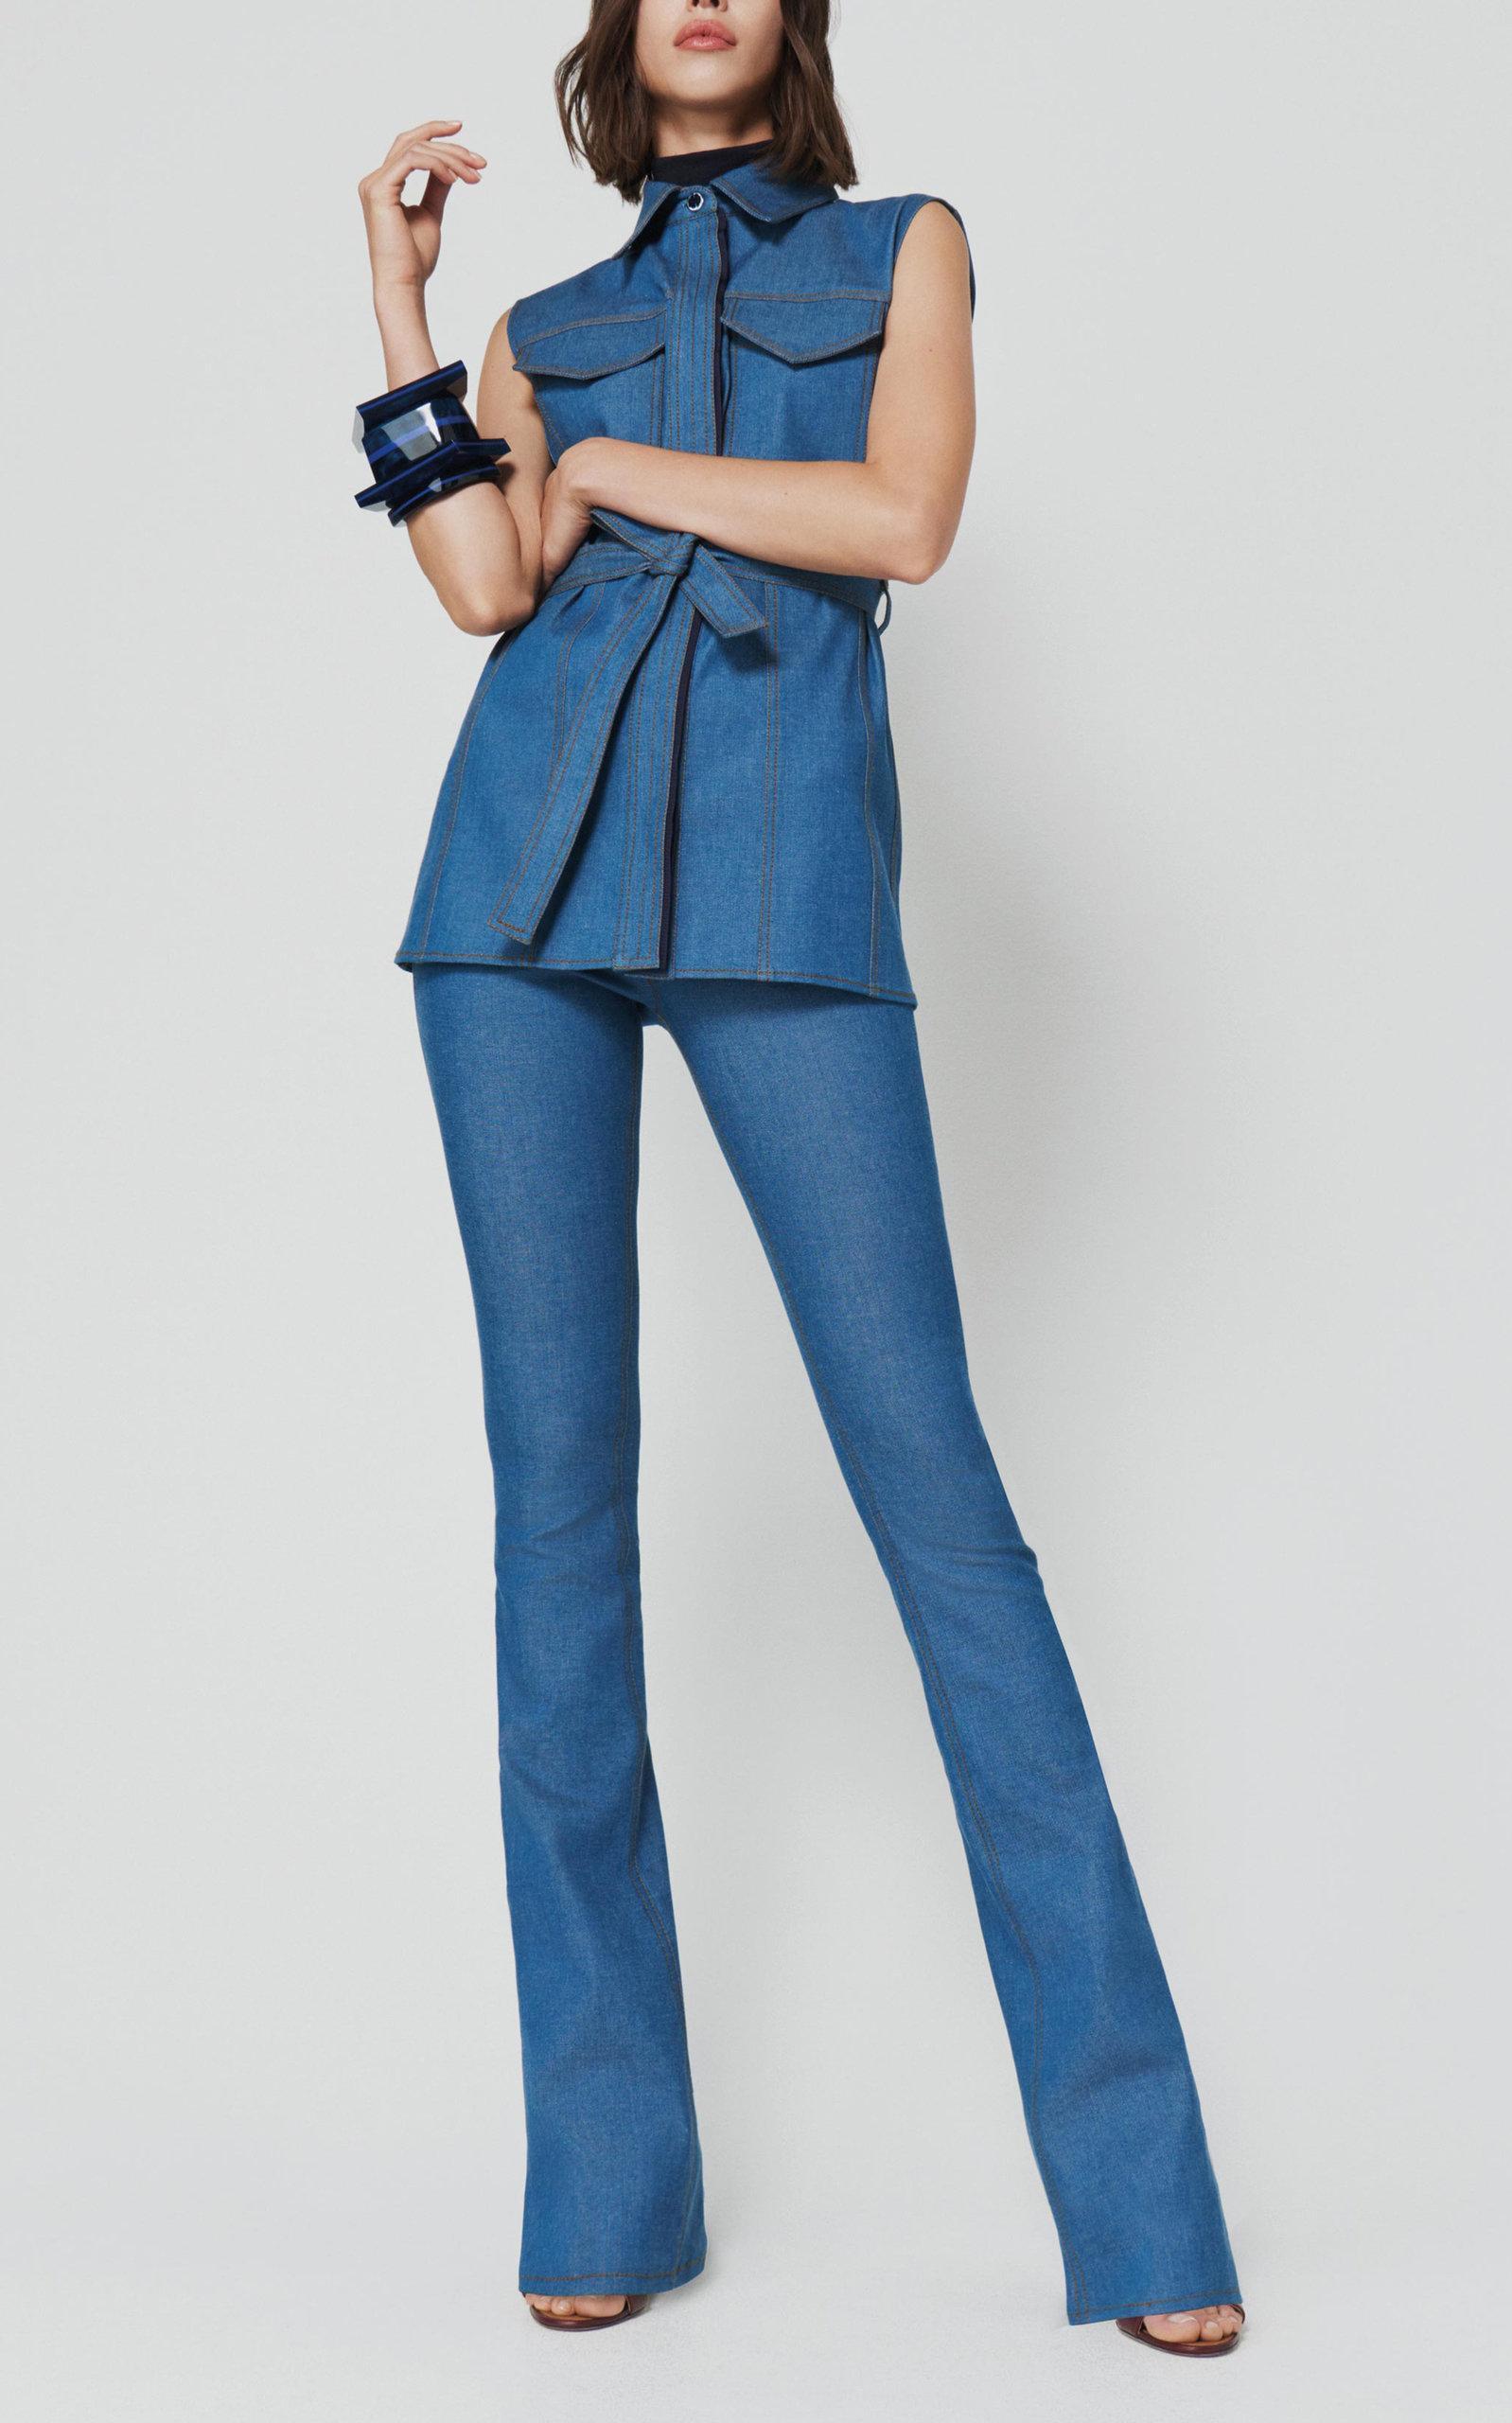 4c201e65ee4e17 ... Victoria Beckham - Blue Belted Sleeveless Denim Shirt - Lyst. View  fullscreen